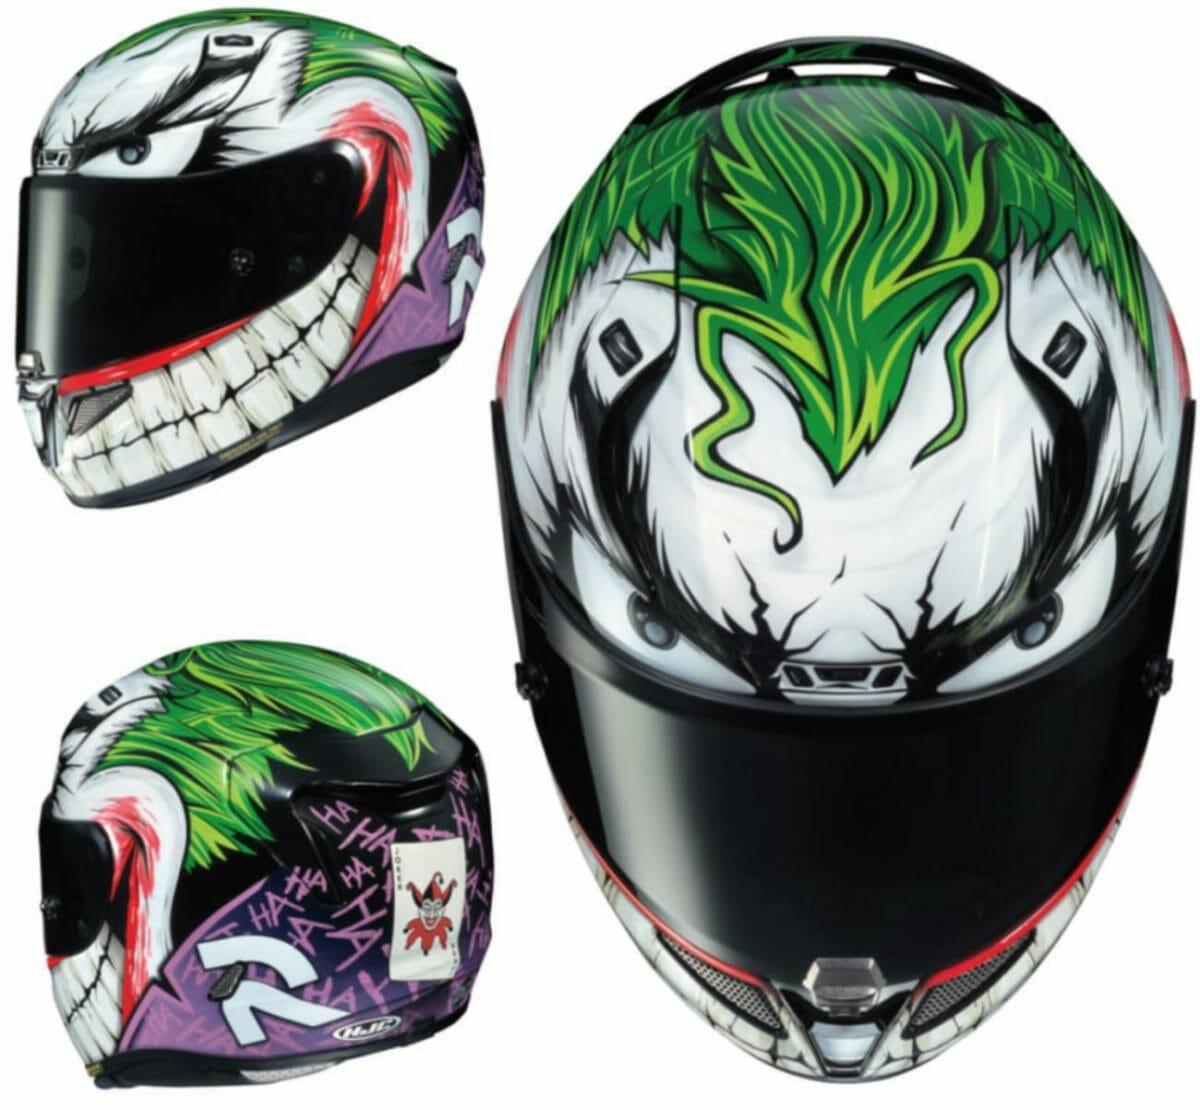 HJC Joker RPHA 11 Pro Helmet (1)